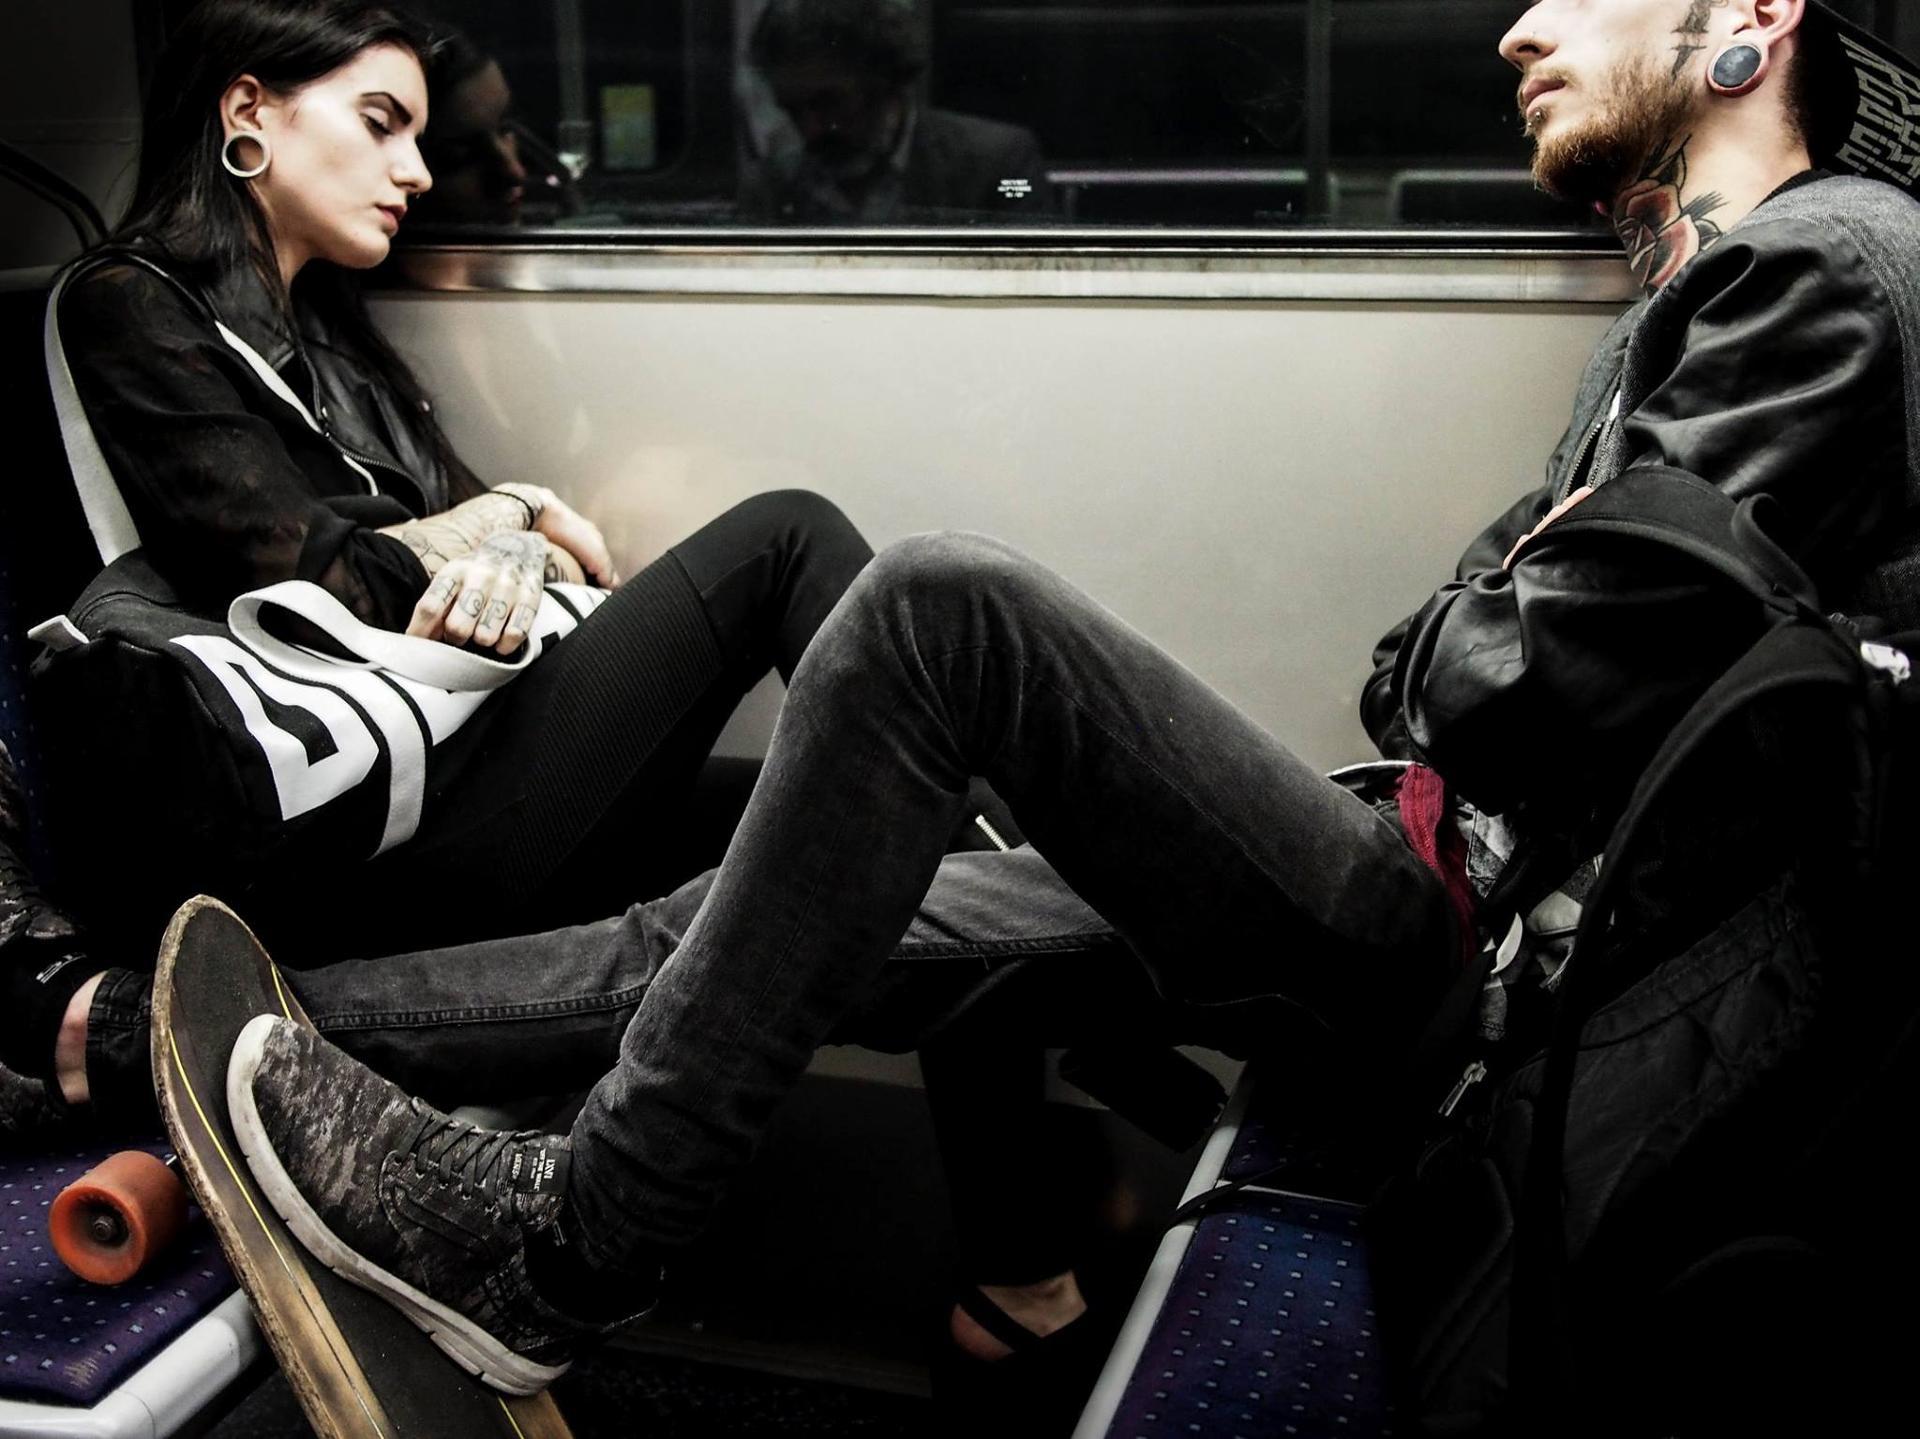 Les dormeurs du métro